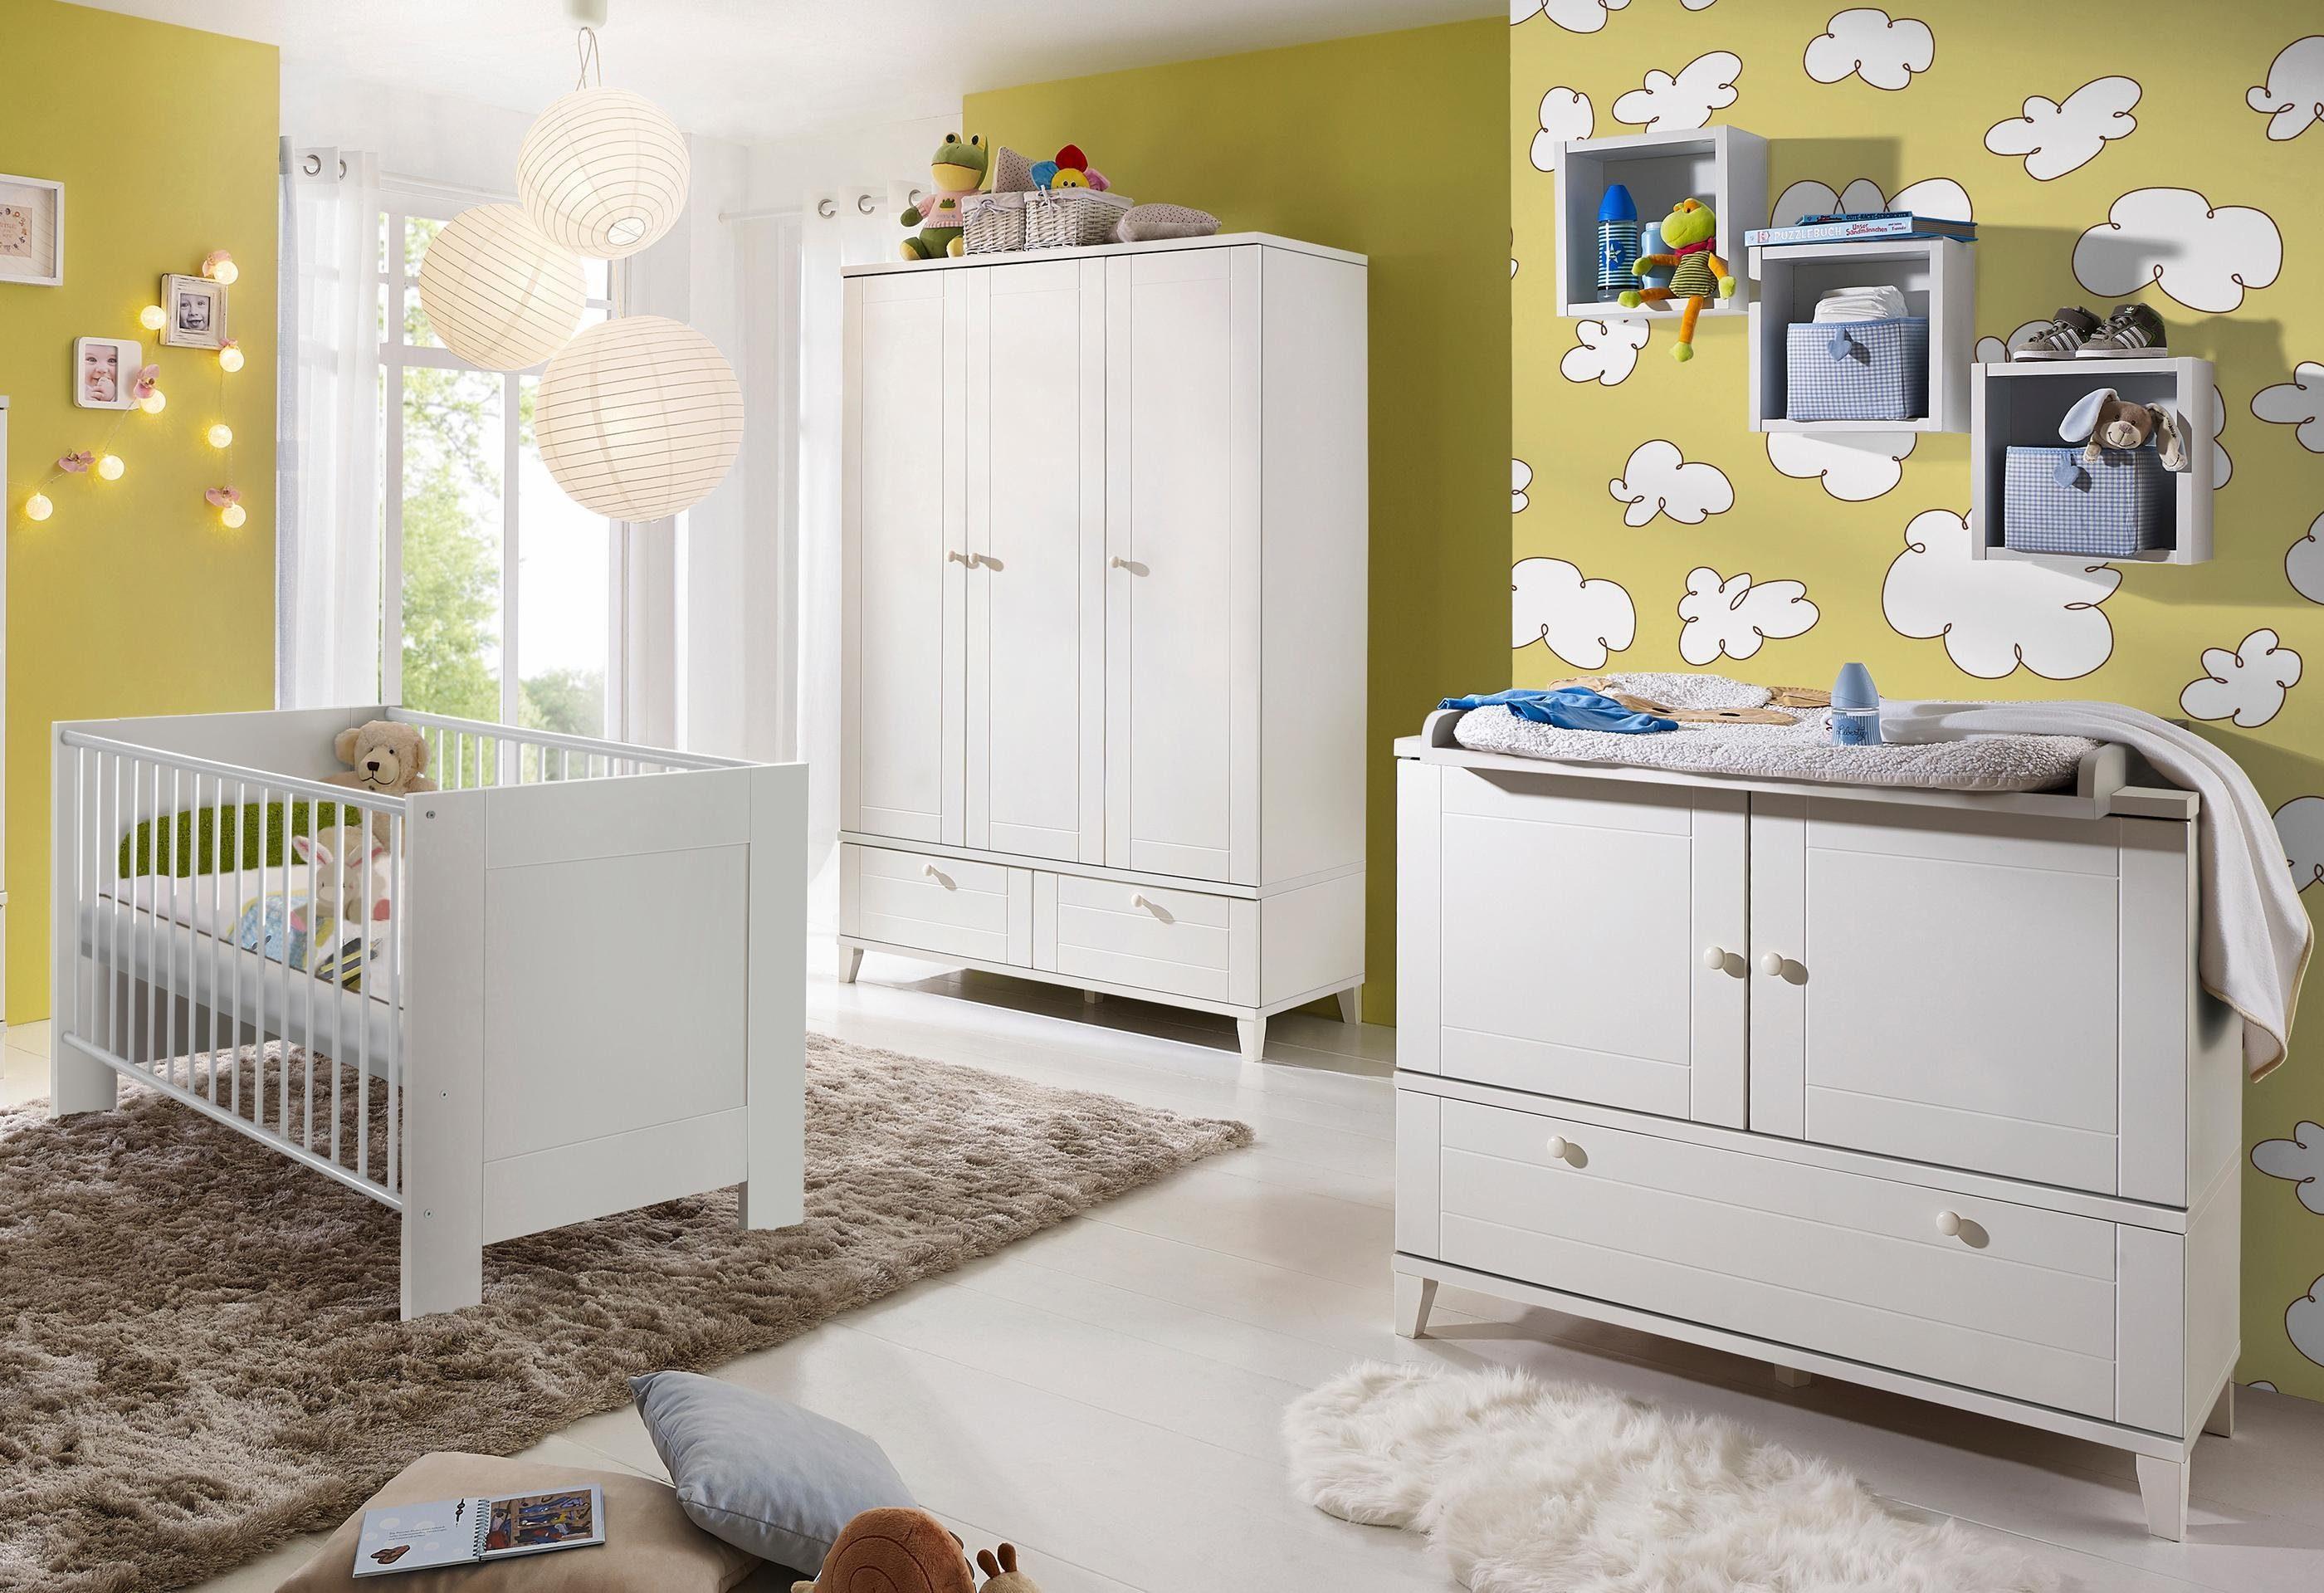 Complete Aankleding Babykamer.Baby Dump Slaapkamer Anex Cross 2 Deluxe 2in1 Kinderwagen Eco Leer